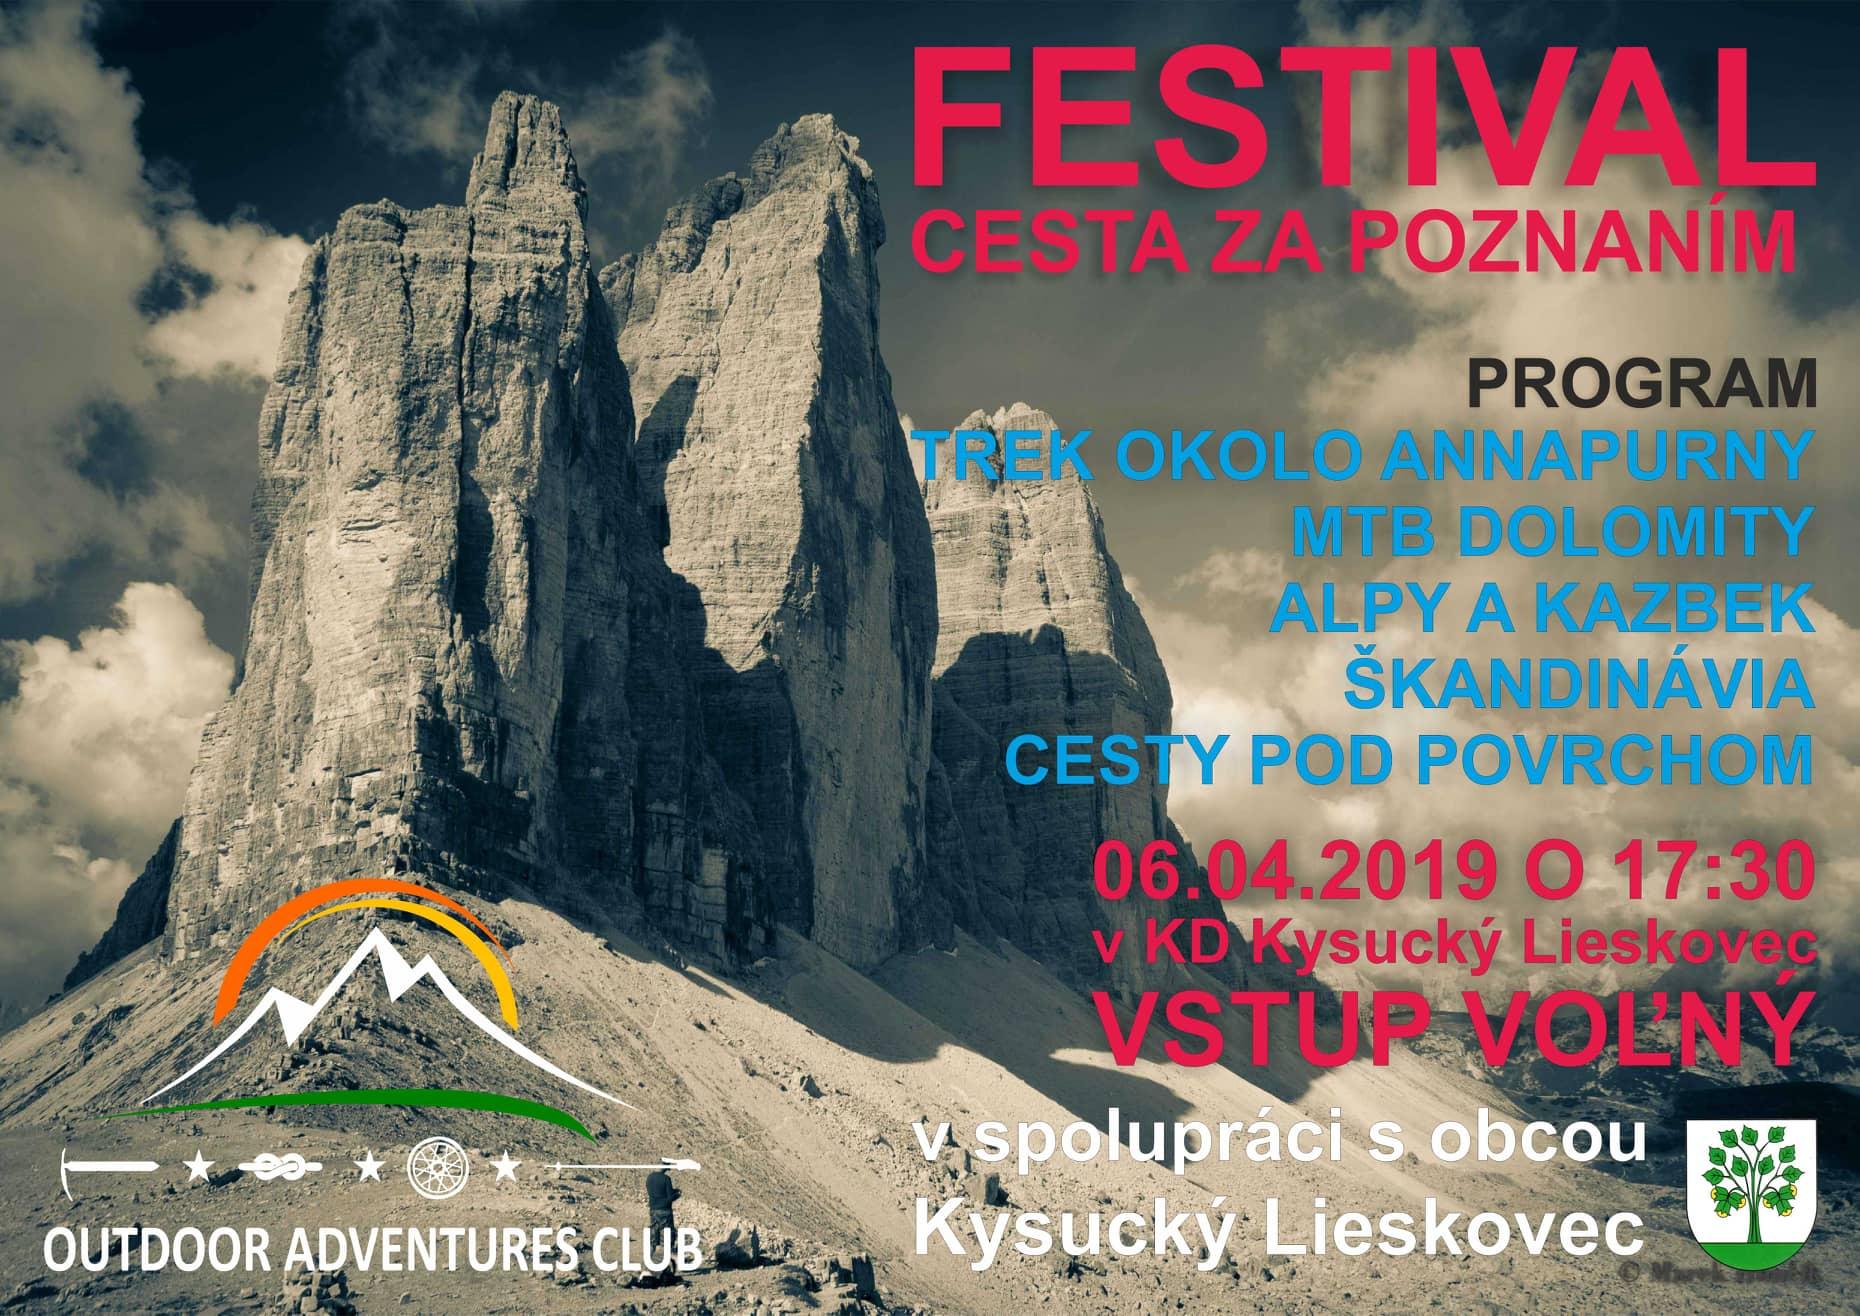 FESTIVAL CESTA ZA POZNANÍM 6.4.2019 o 17:30 v kultúrnom dome Kysucký Lieskovec, vstup voľný.